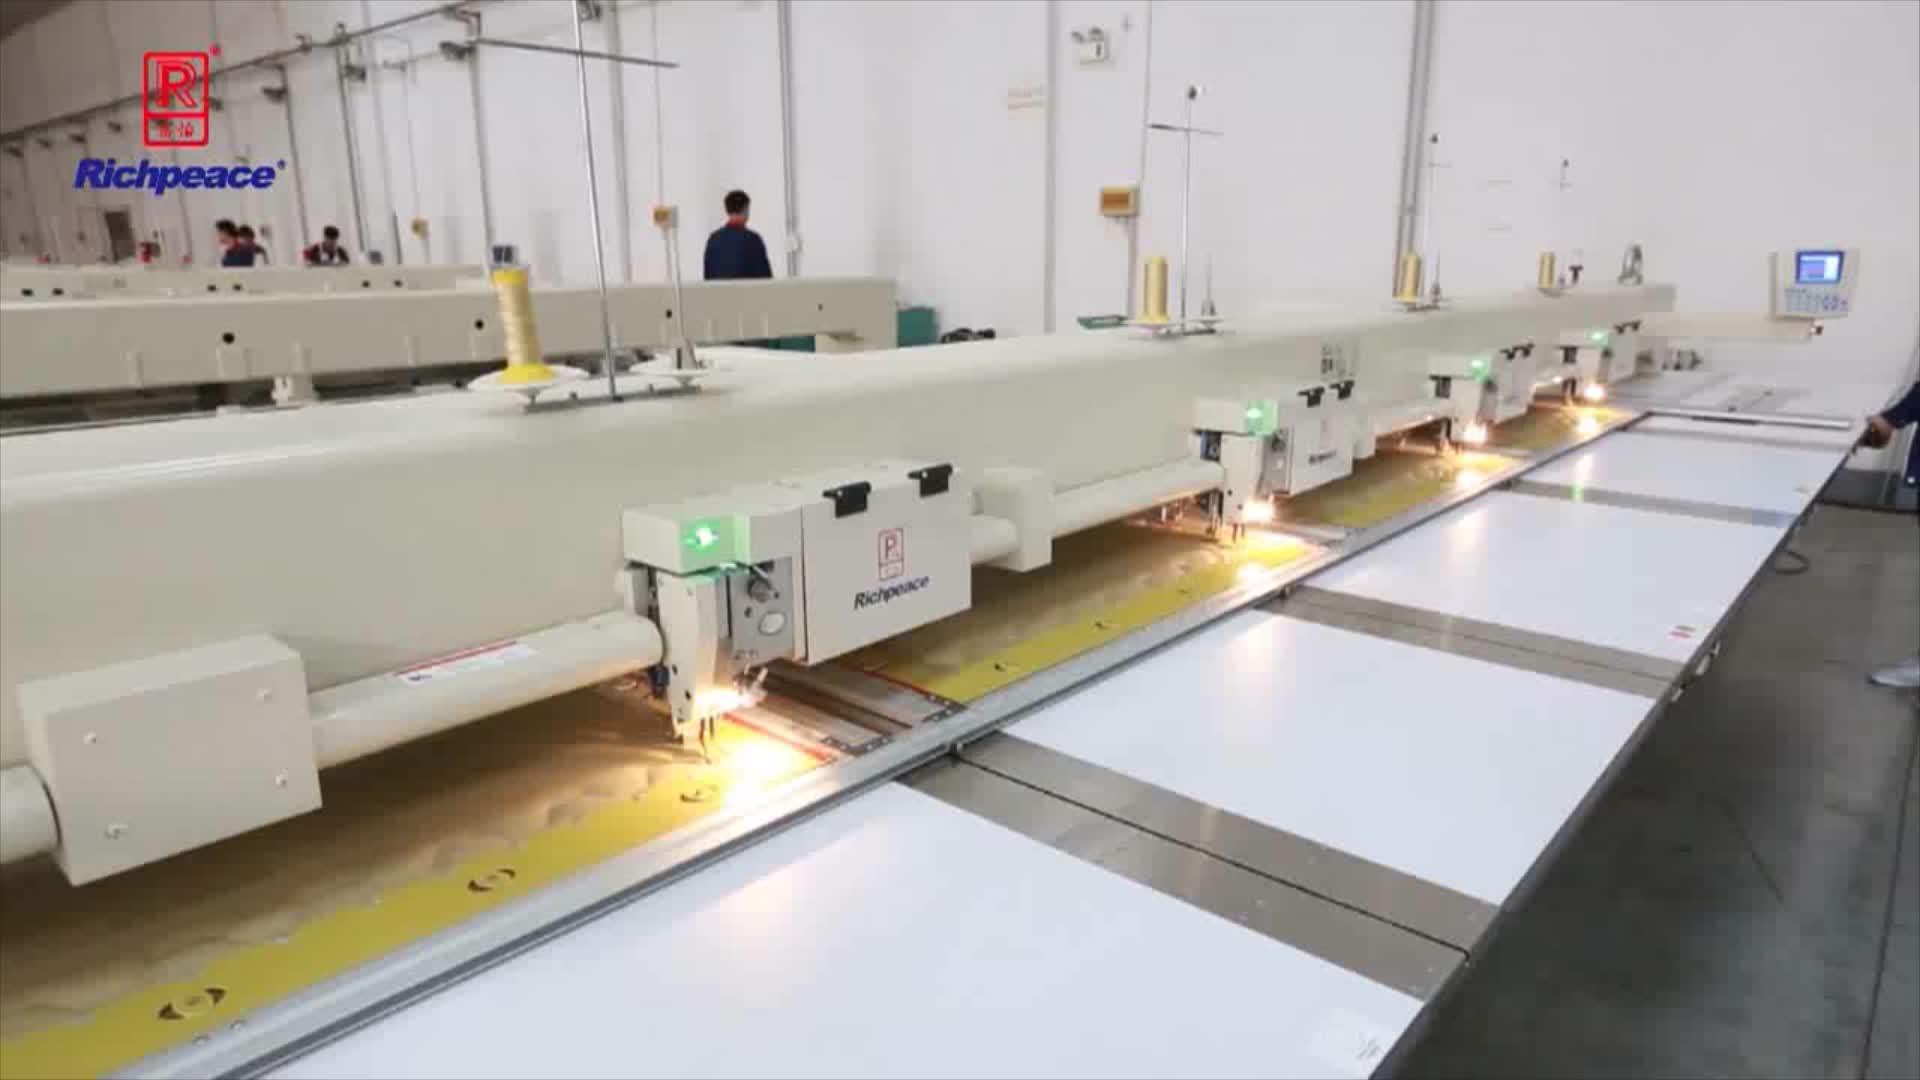 Richpeace Multi Hoofden Automatische Naaimachine voor Autostoel